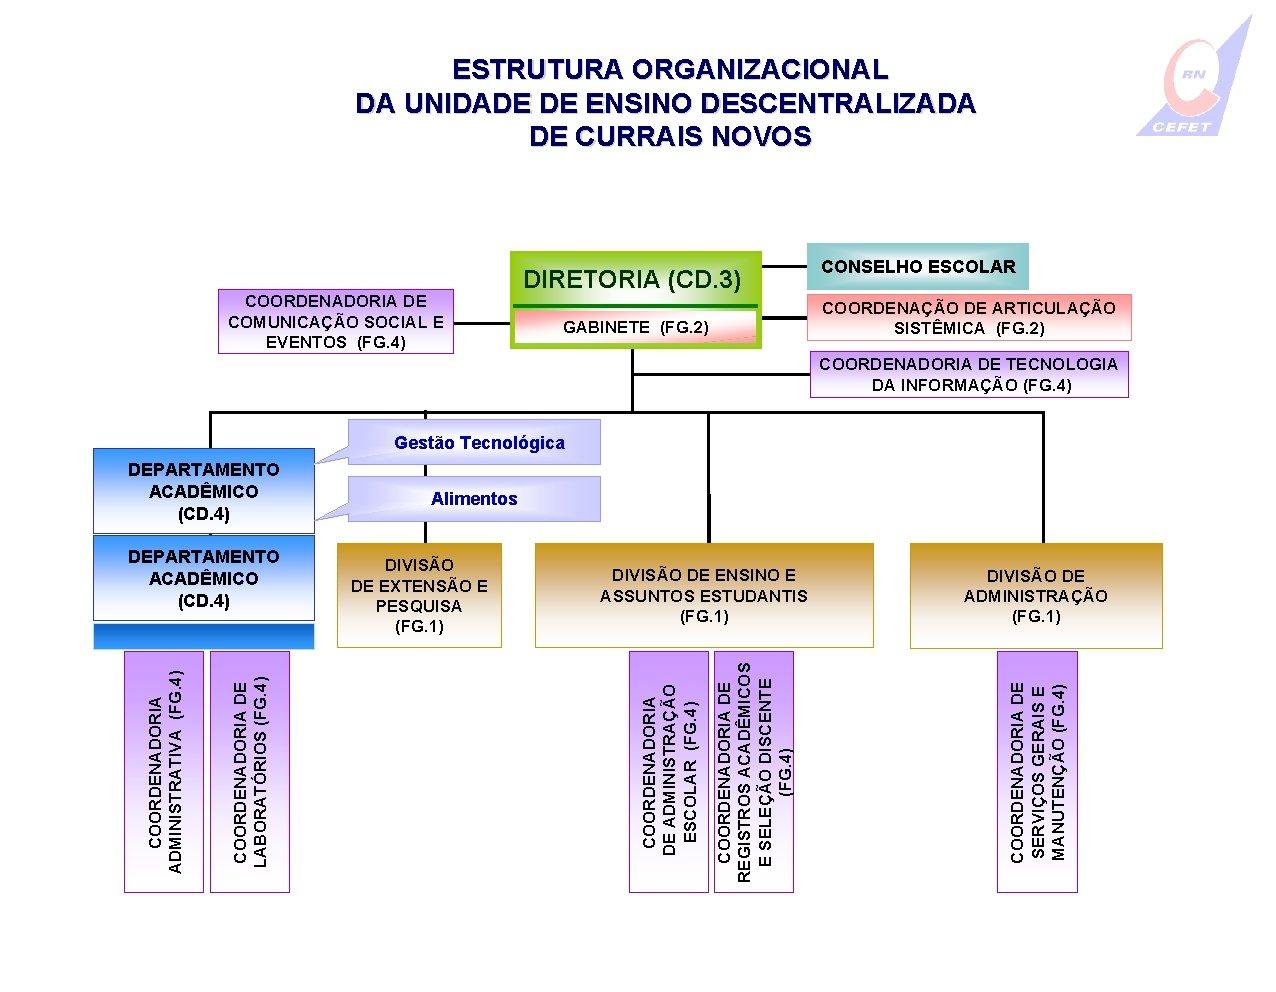 ESTRUTURA ORGANIZACIONAL DA UNIDADE DE ENSINO DESCENTRALIZADA DE CURRAIS NOVOS COORDENADORIA DE COMUNICAÇÃO SOCIAL